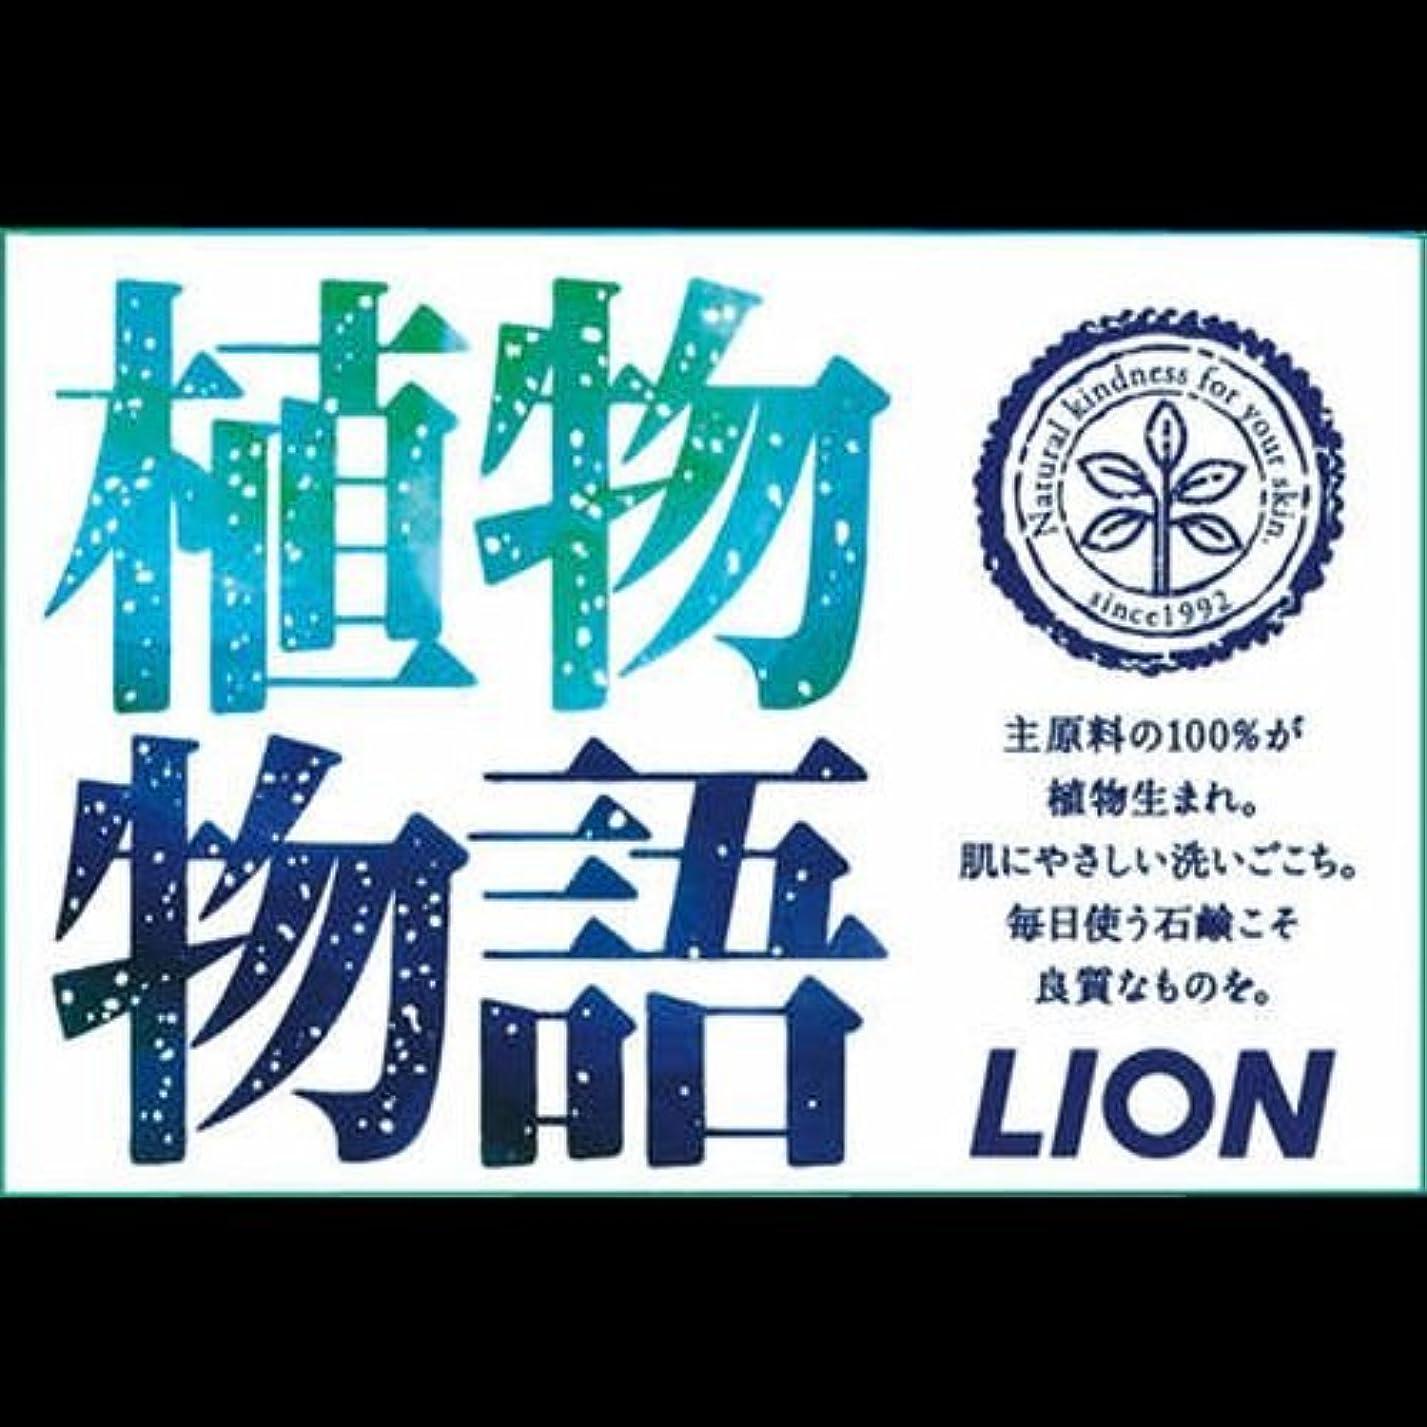 黒くするランク優先ライオン 植物物語 化粧石鹸 90g×1個入 ×2セット